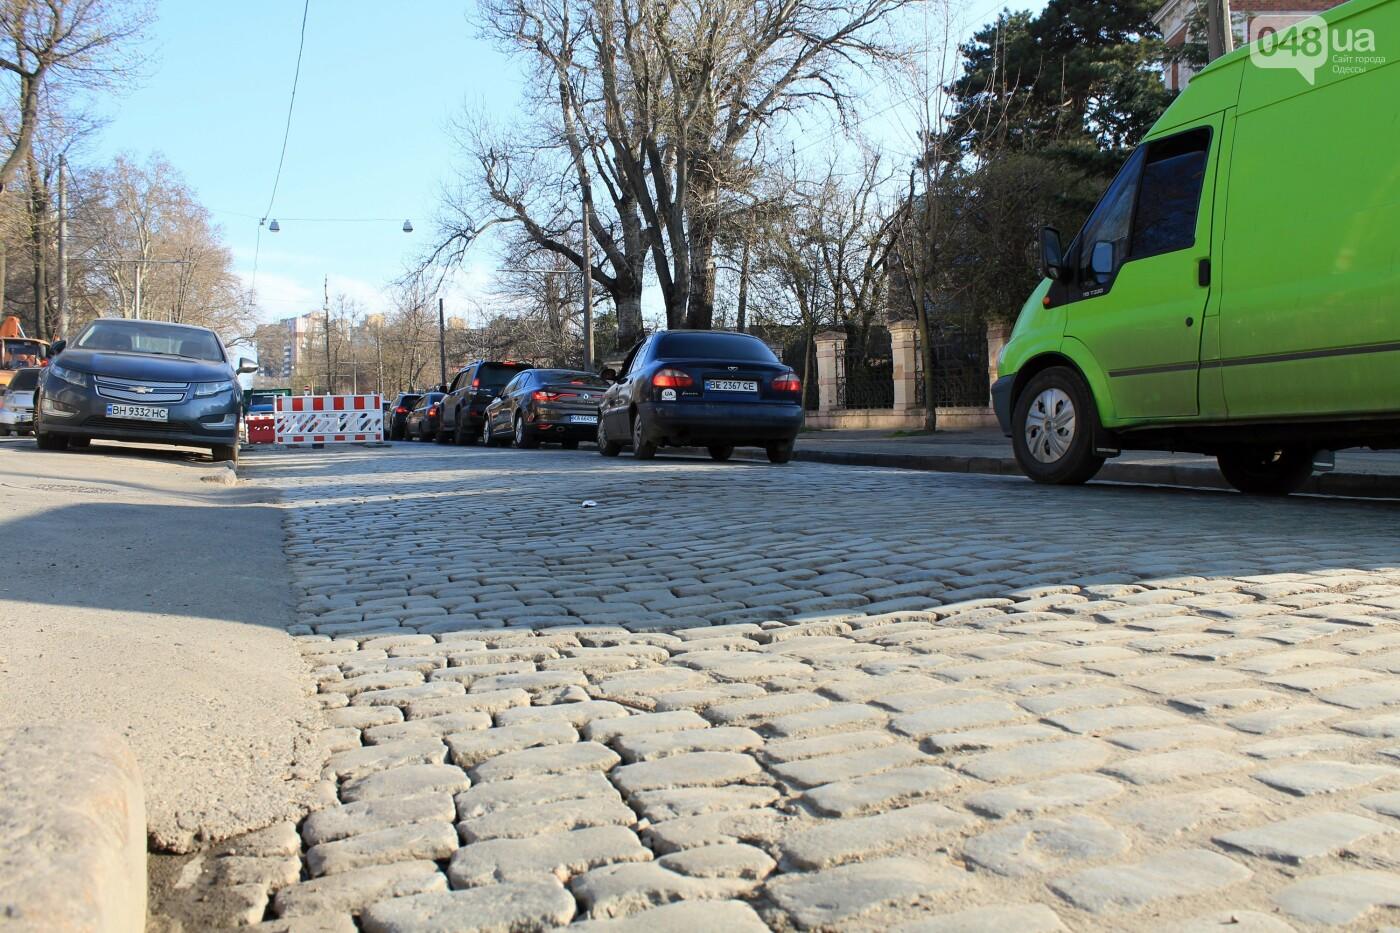 На Французском бульваре перестилают брусчатку: автомобили едут по рельсам, - ФОТО, ВИДЕО , фото-11